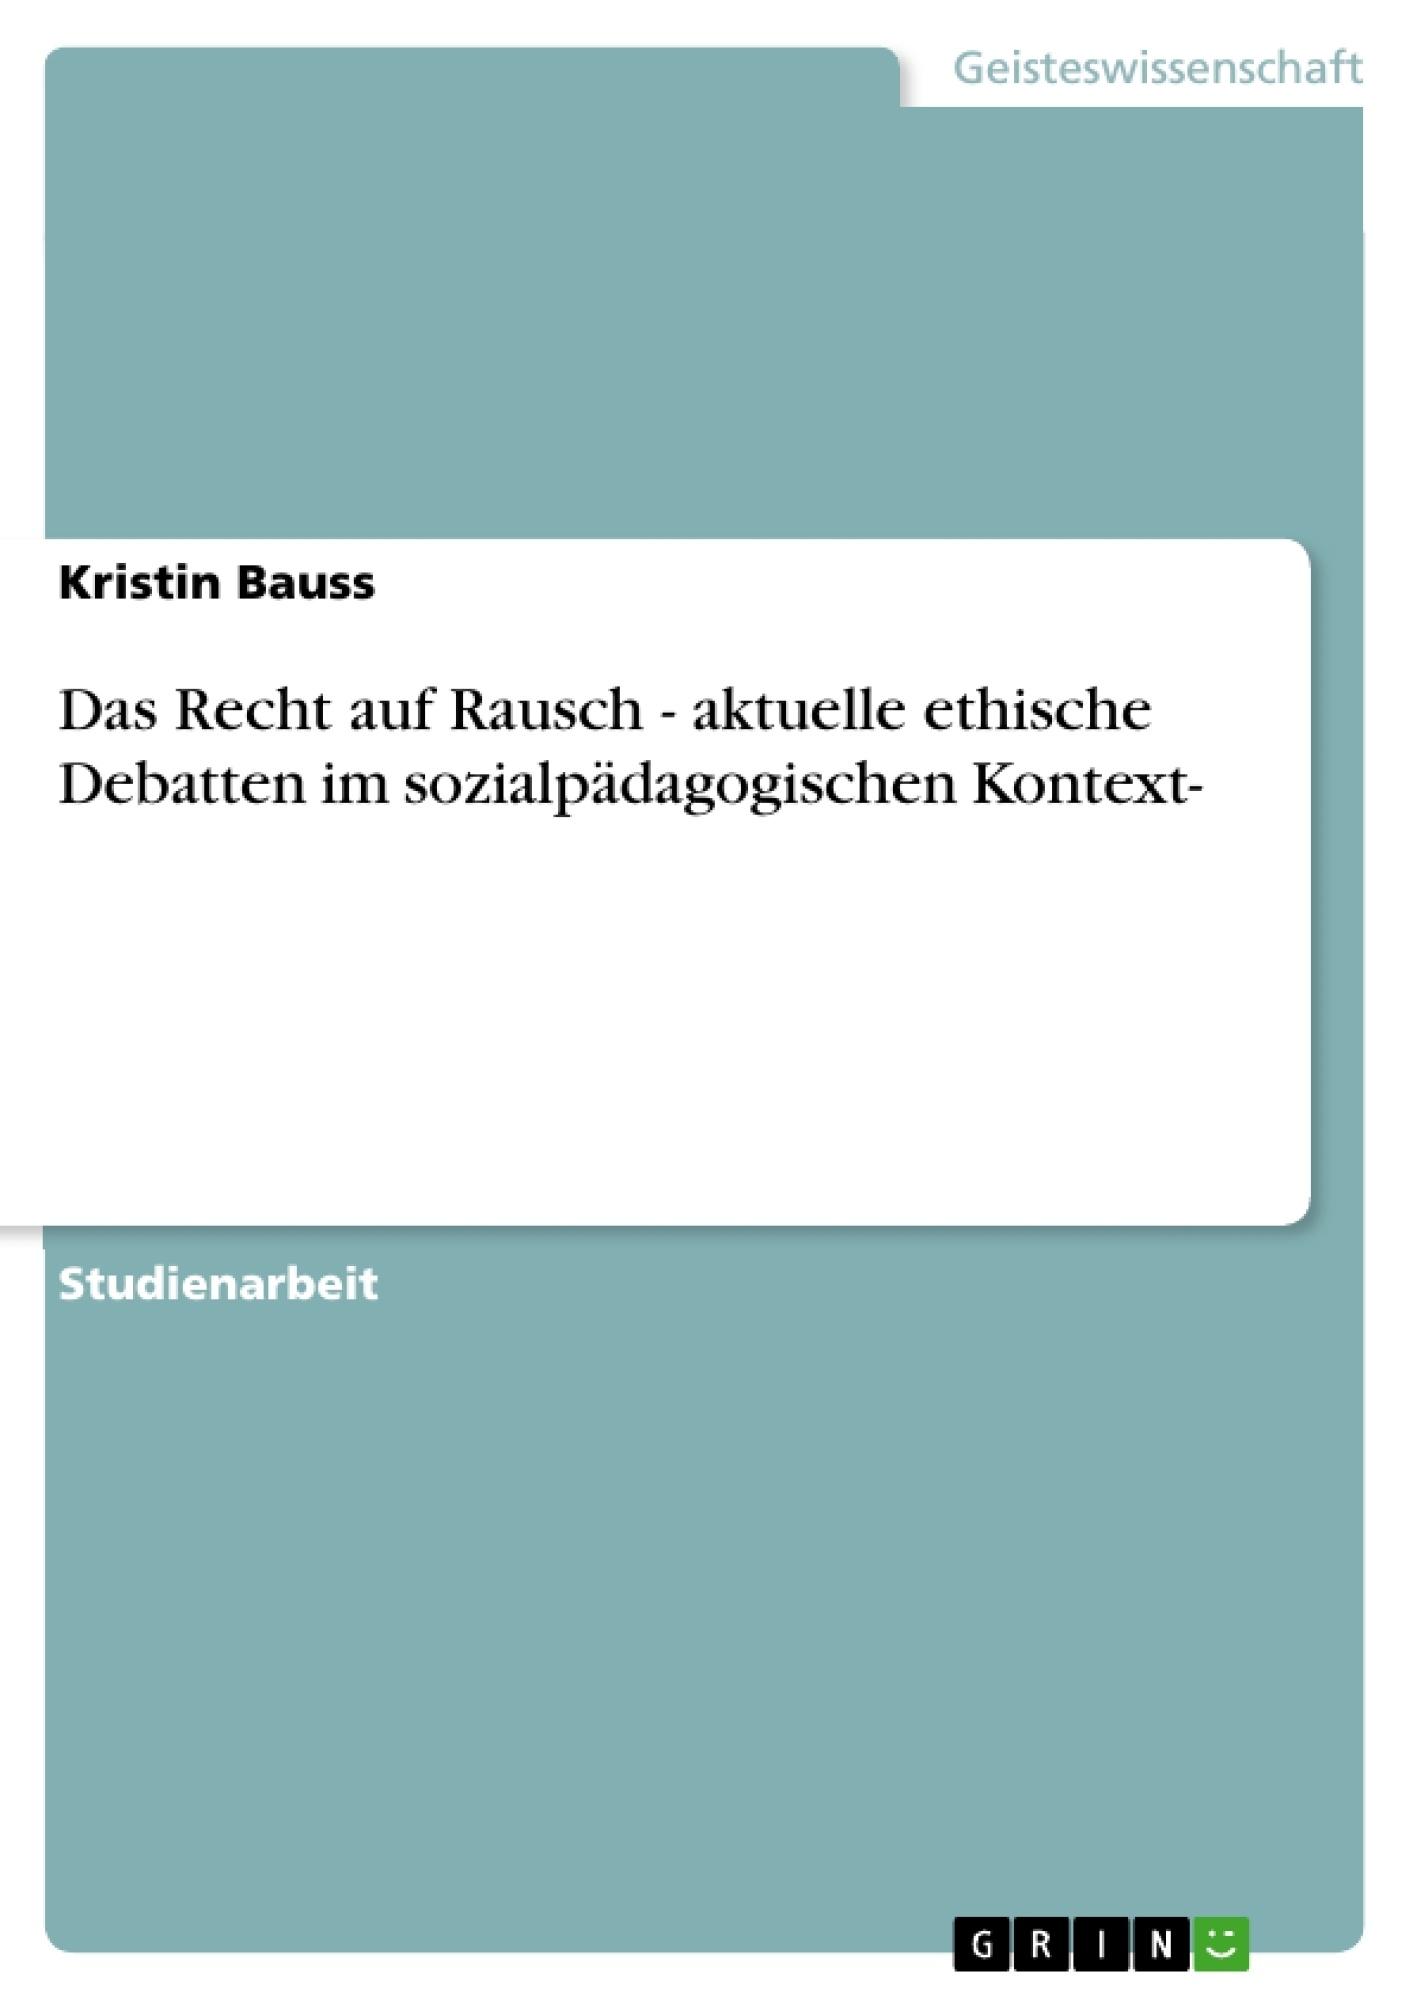 Titel: Das Recht auf Rausch - aktuelle ethische Debatten im sozialpädagogischen Kontext-